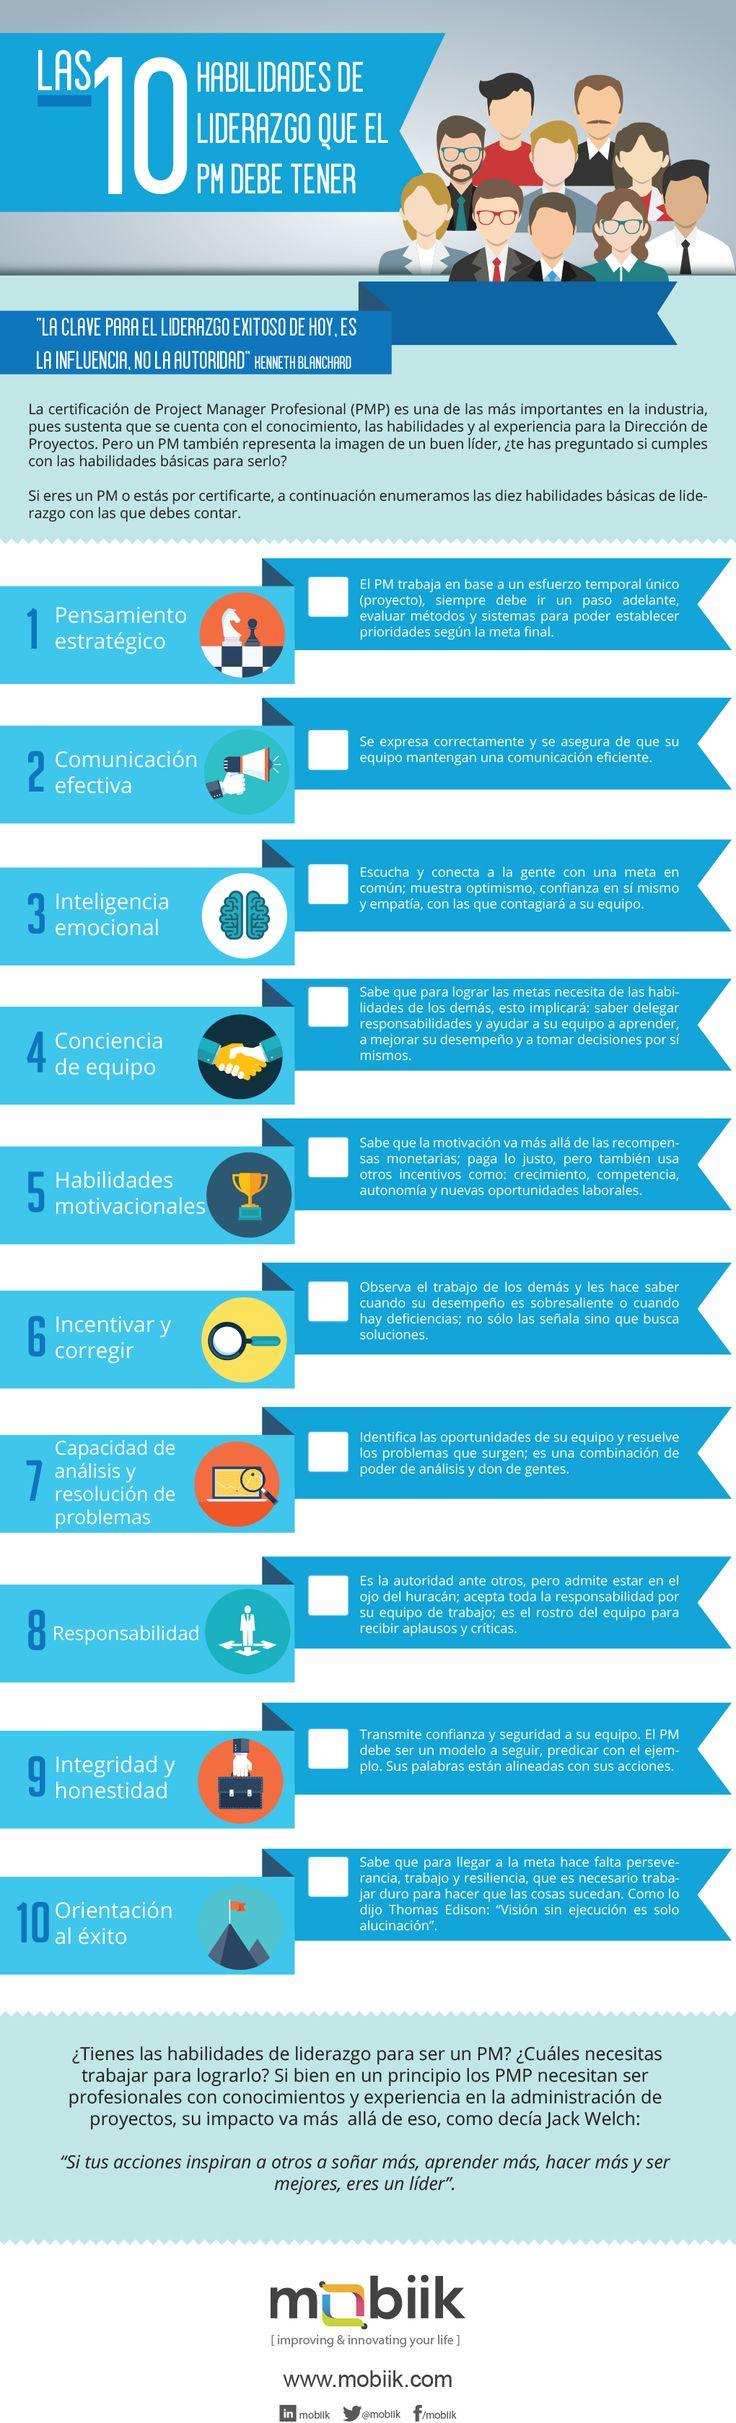 10 habilidades de liderazgo que un Project Manager debe tener #infografia